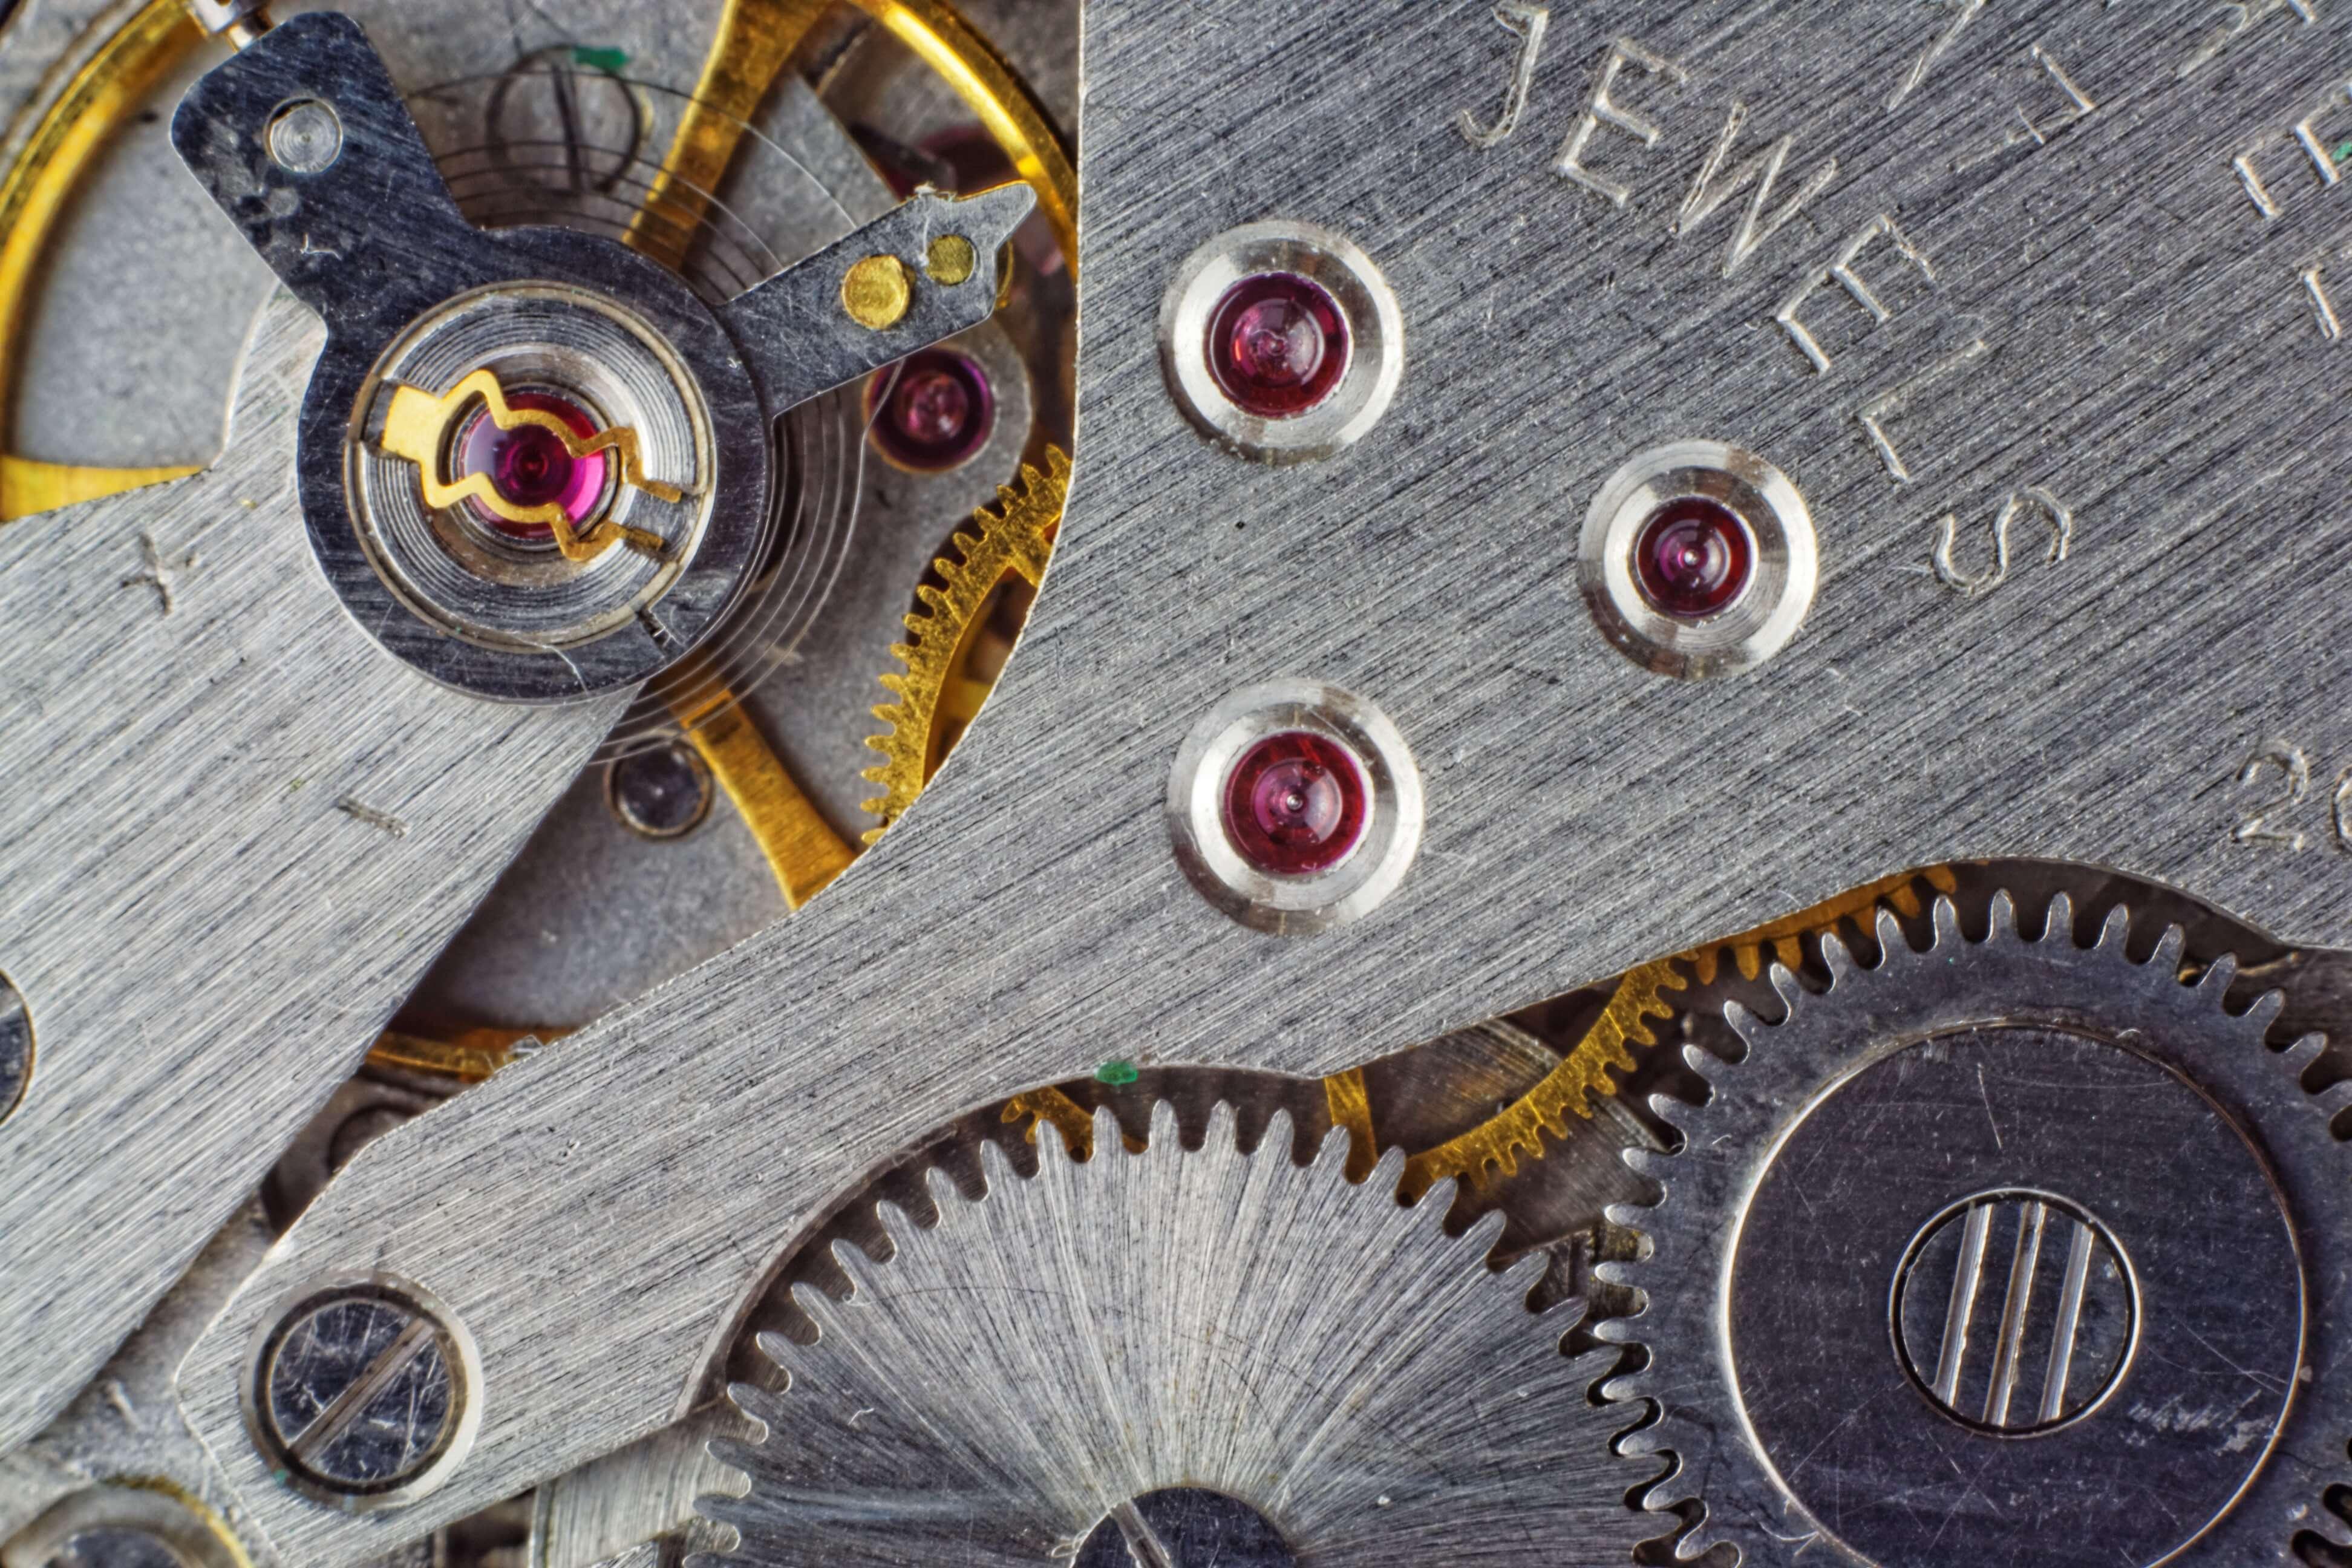 cogs-gears-insights-8180.jpg